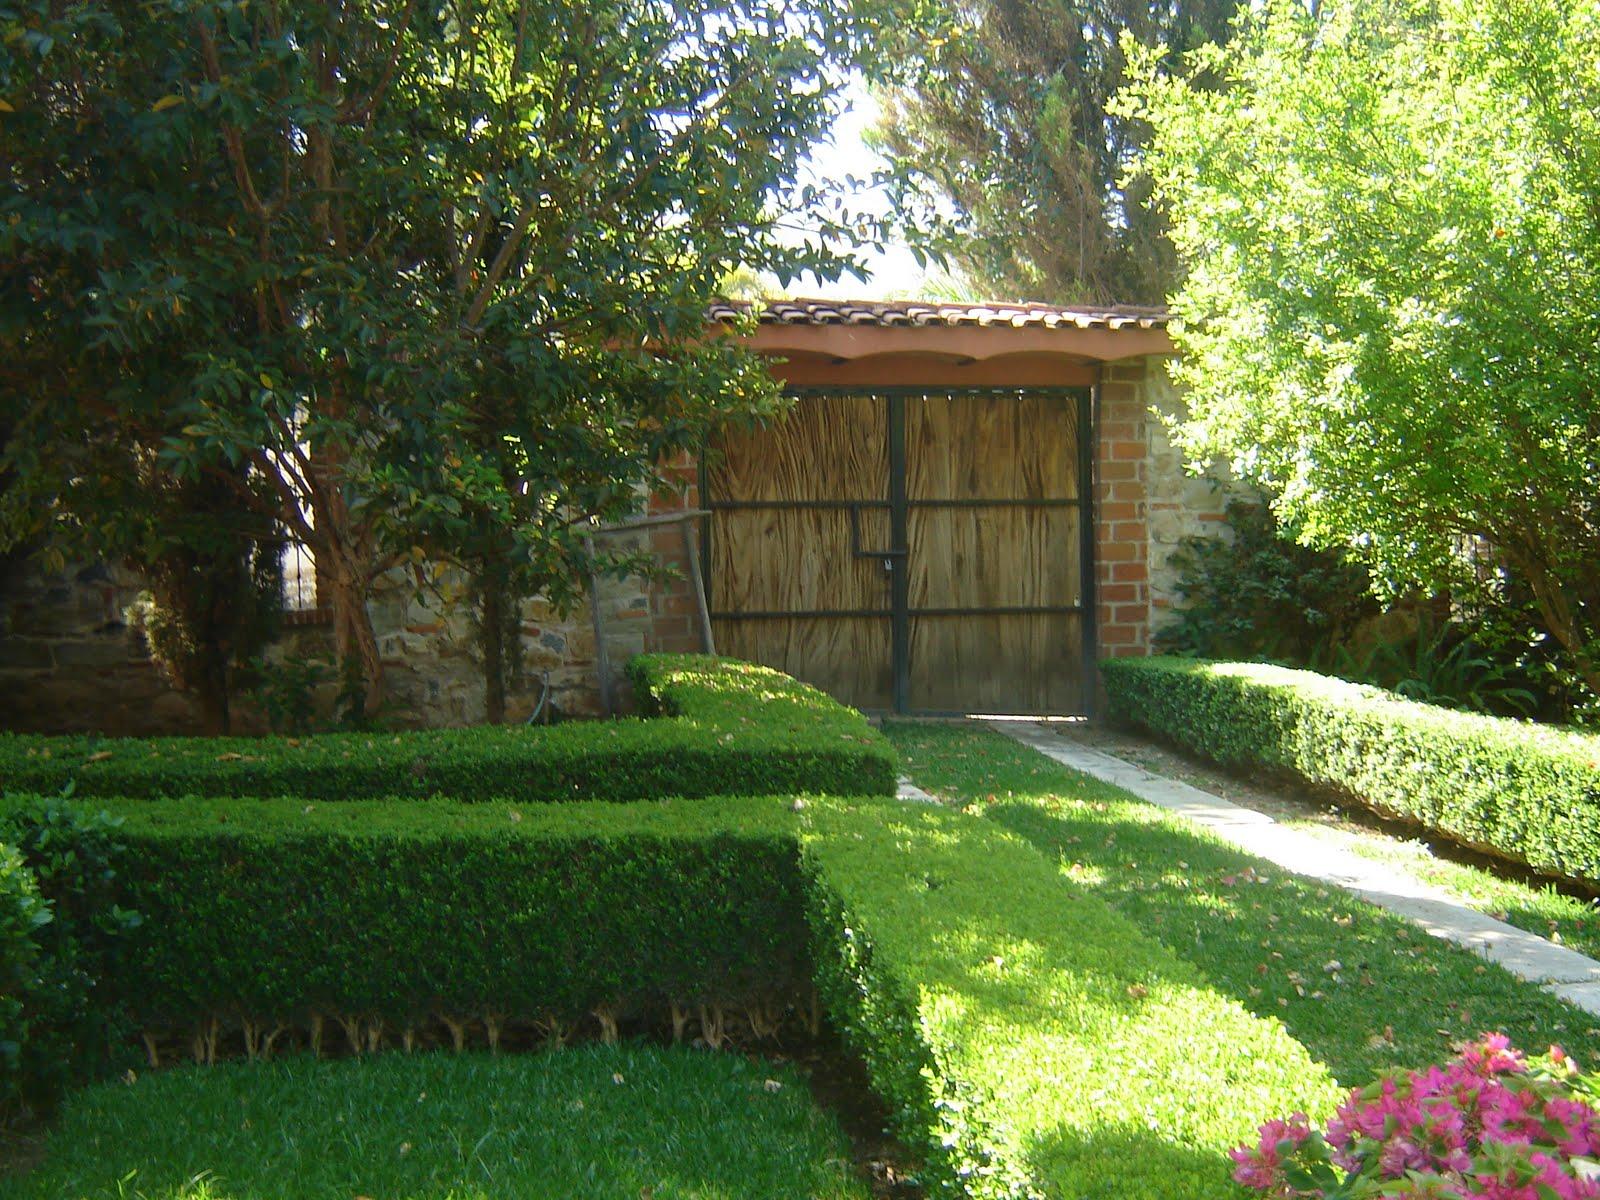 Blogbienesraices la calera casa de campo for Fotos de casas modernas con jardin